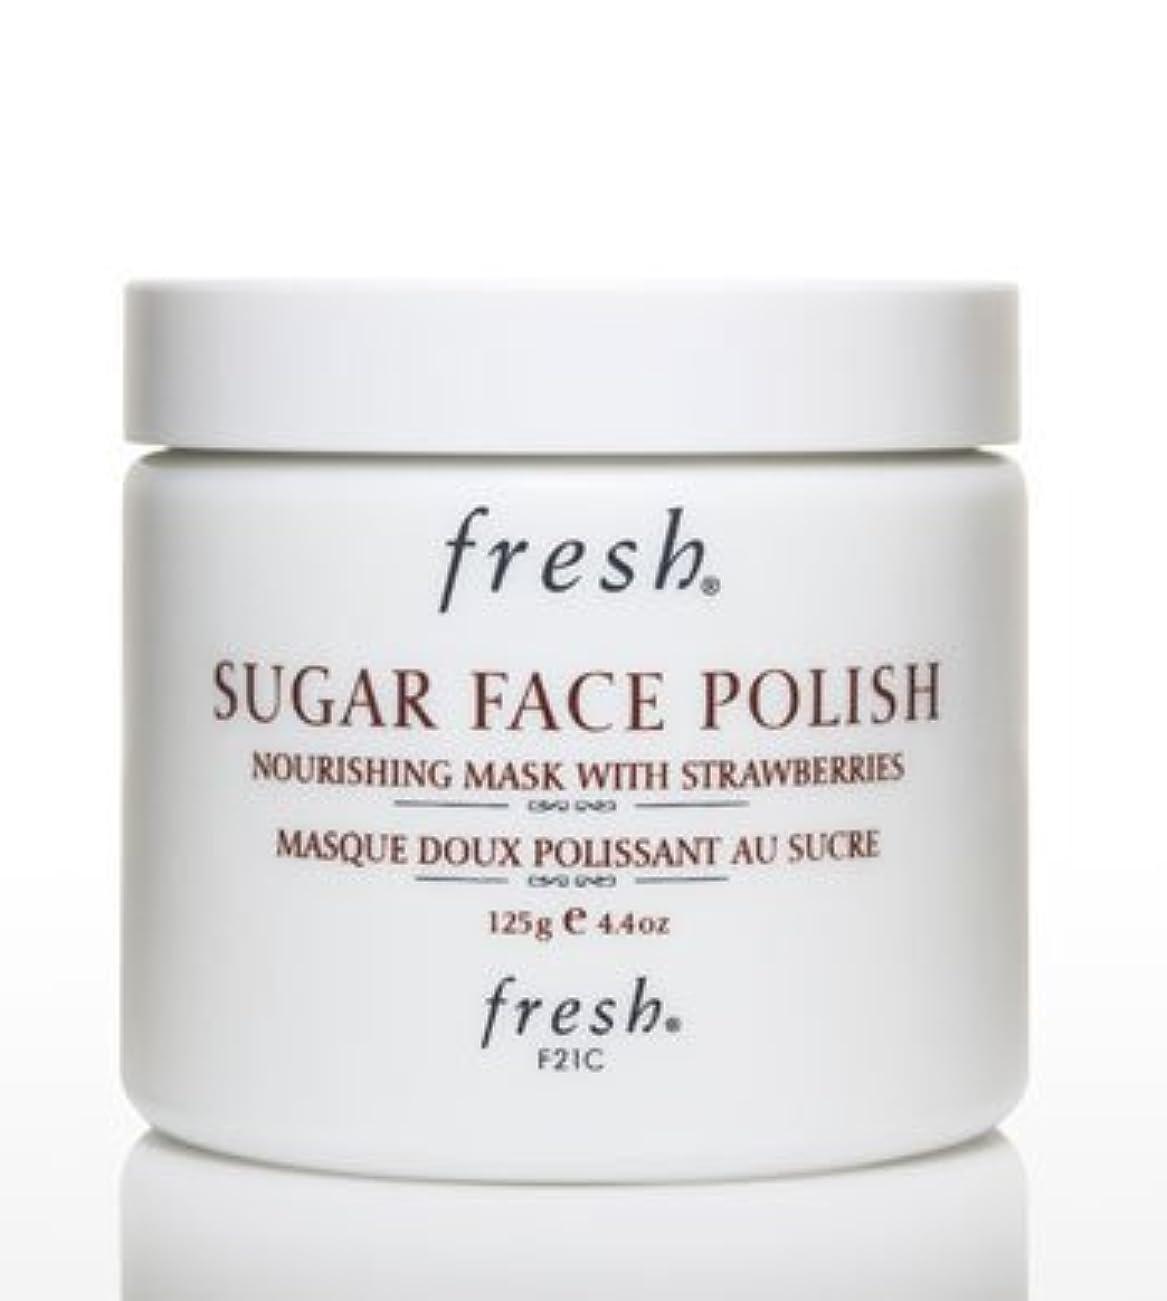 ローブ計器応じるFresh SUGAR FACE POLISH (フレッシュ シュガーフェイスポリッシュ) 4.2 oz (125g) by Fresh for Women